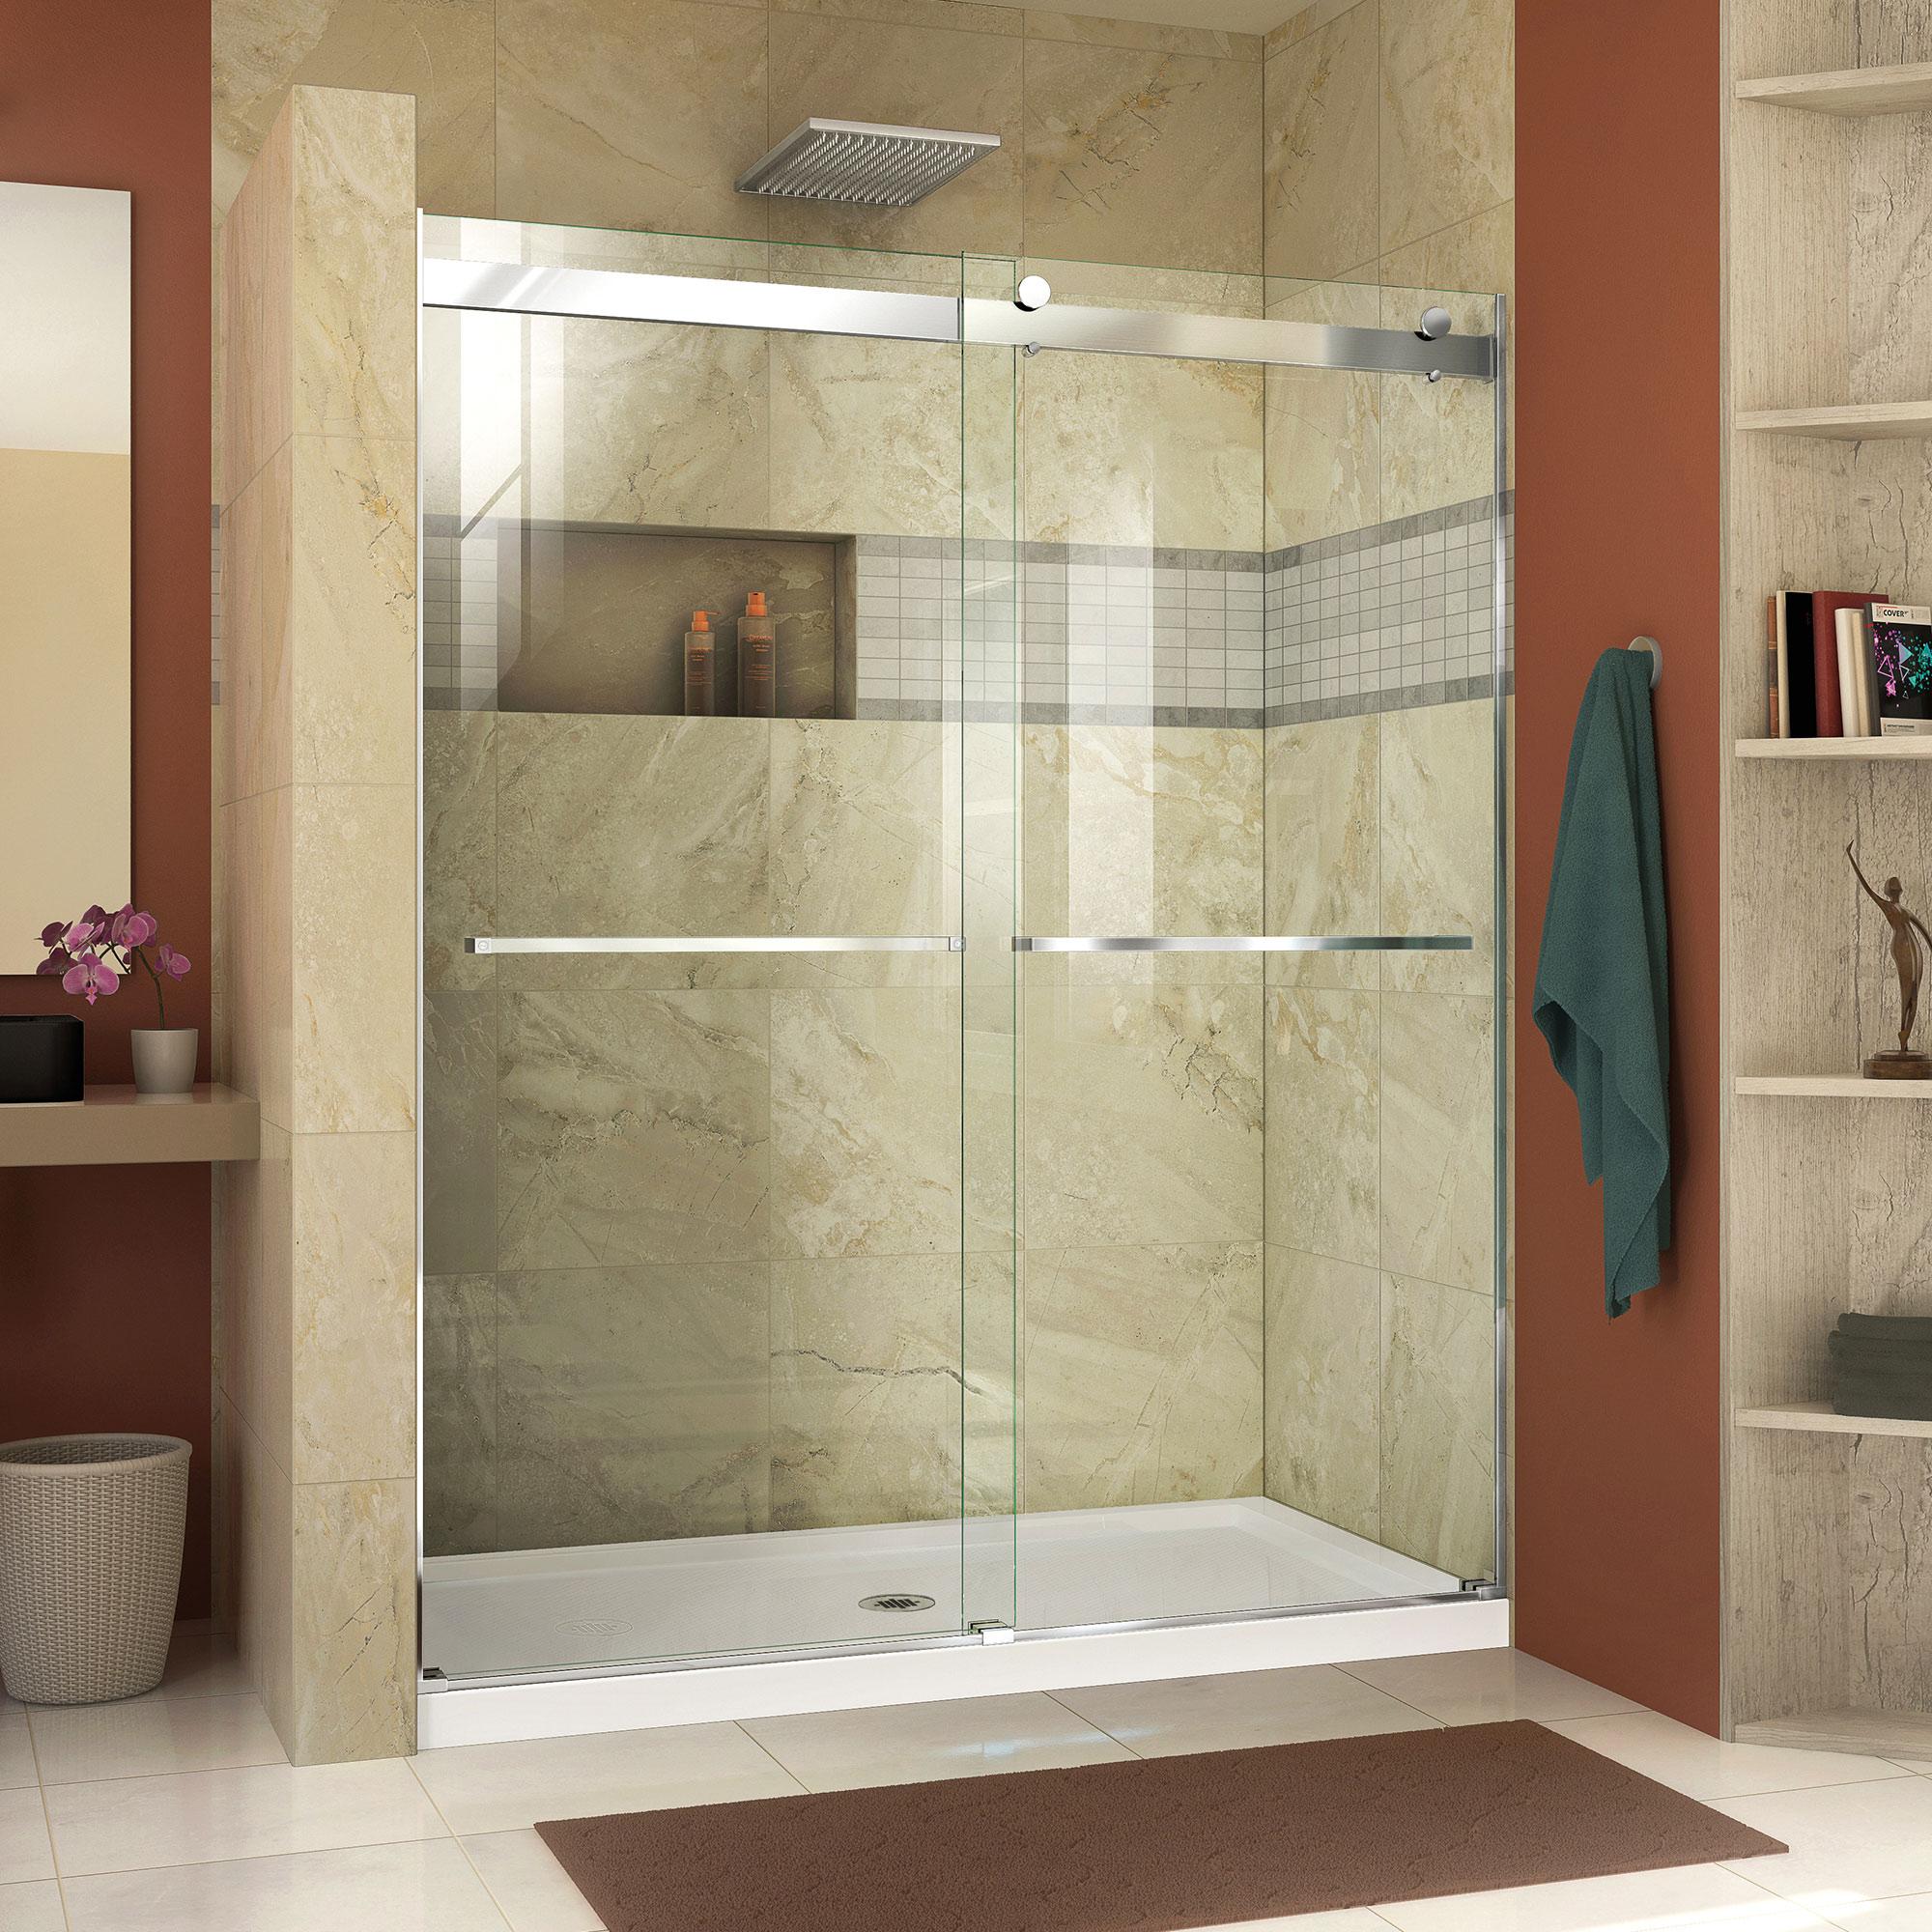 DreamLine Essence 56-60 in. W x 76 in. H Frameless Bypass Shower Door in Chrome